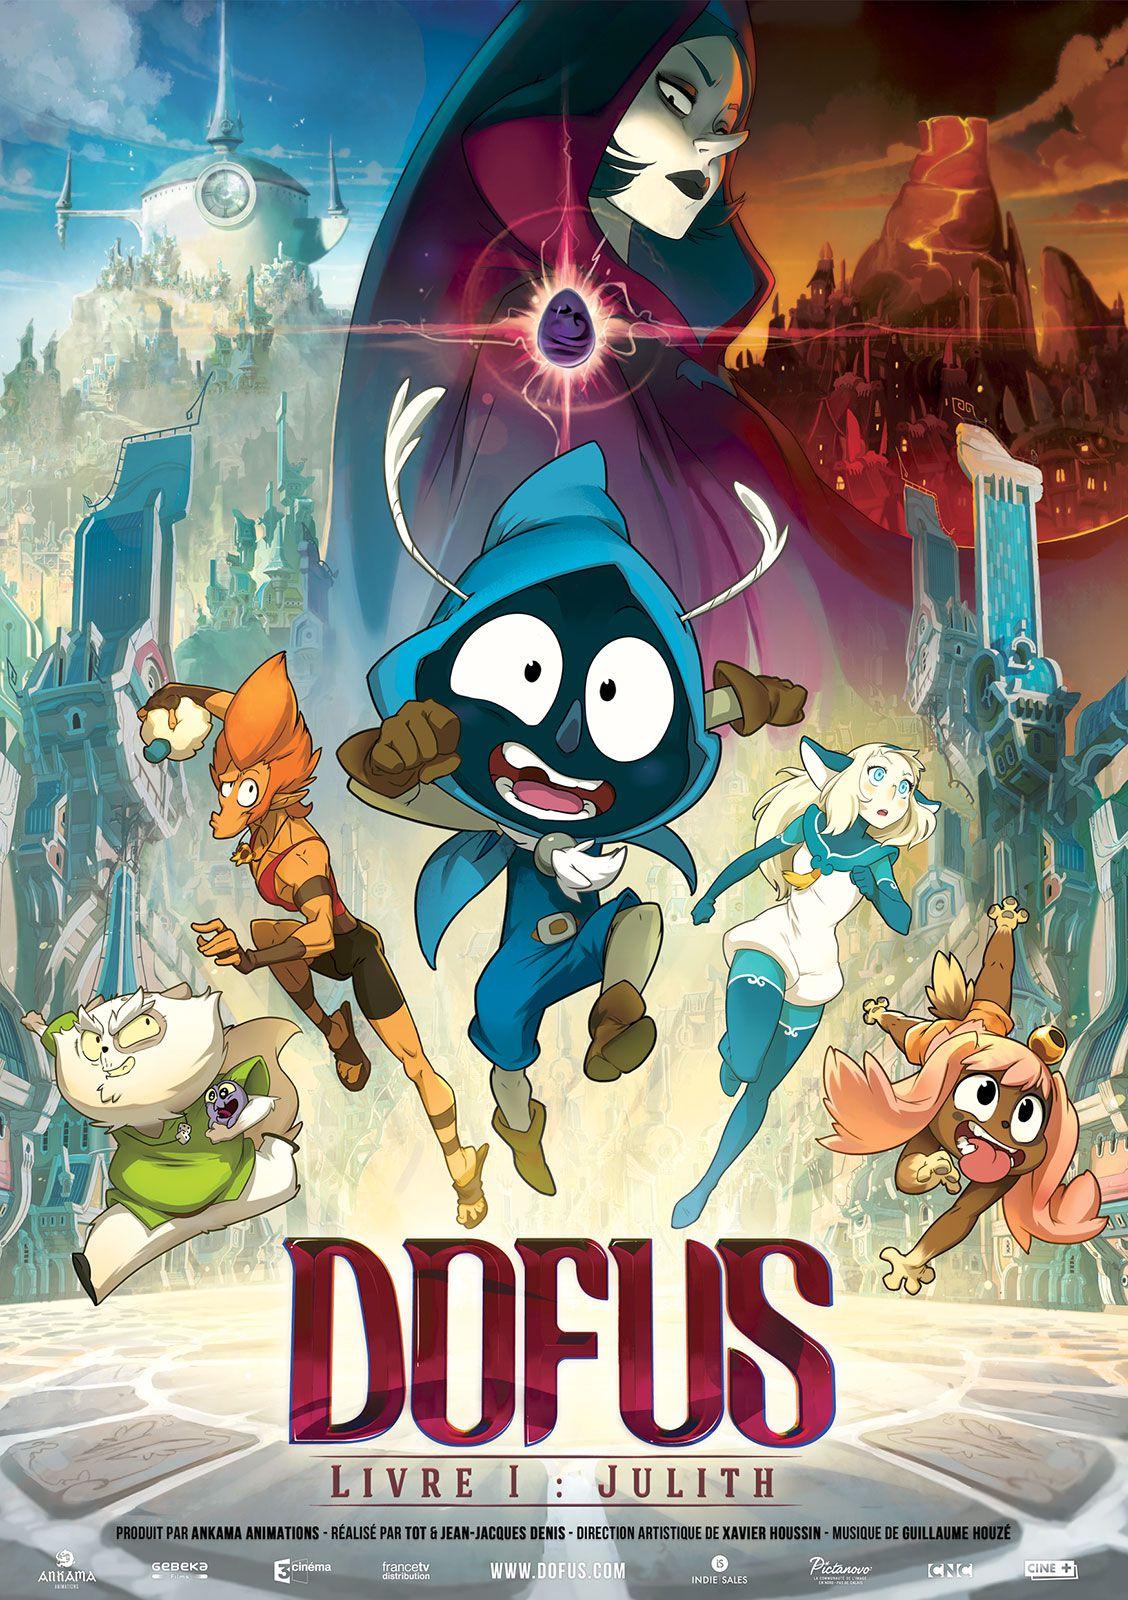 Dofus - Livre 1 : Julith - Long-métrage d'animation (2016)